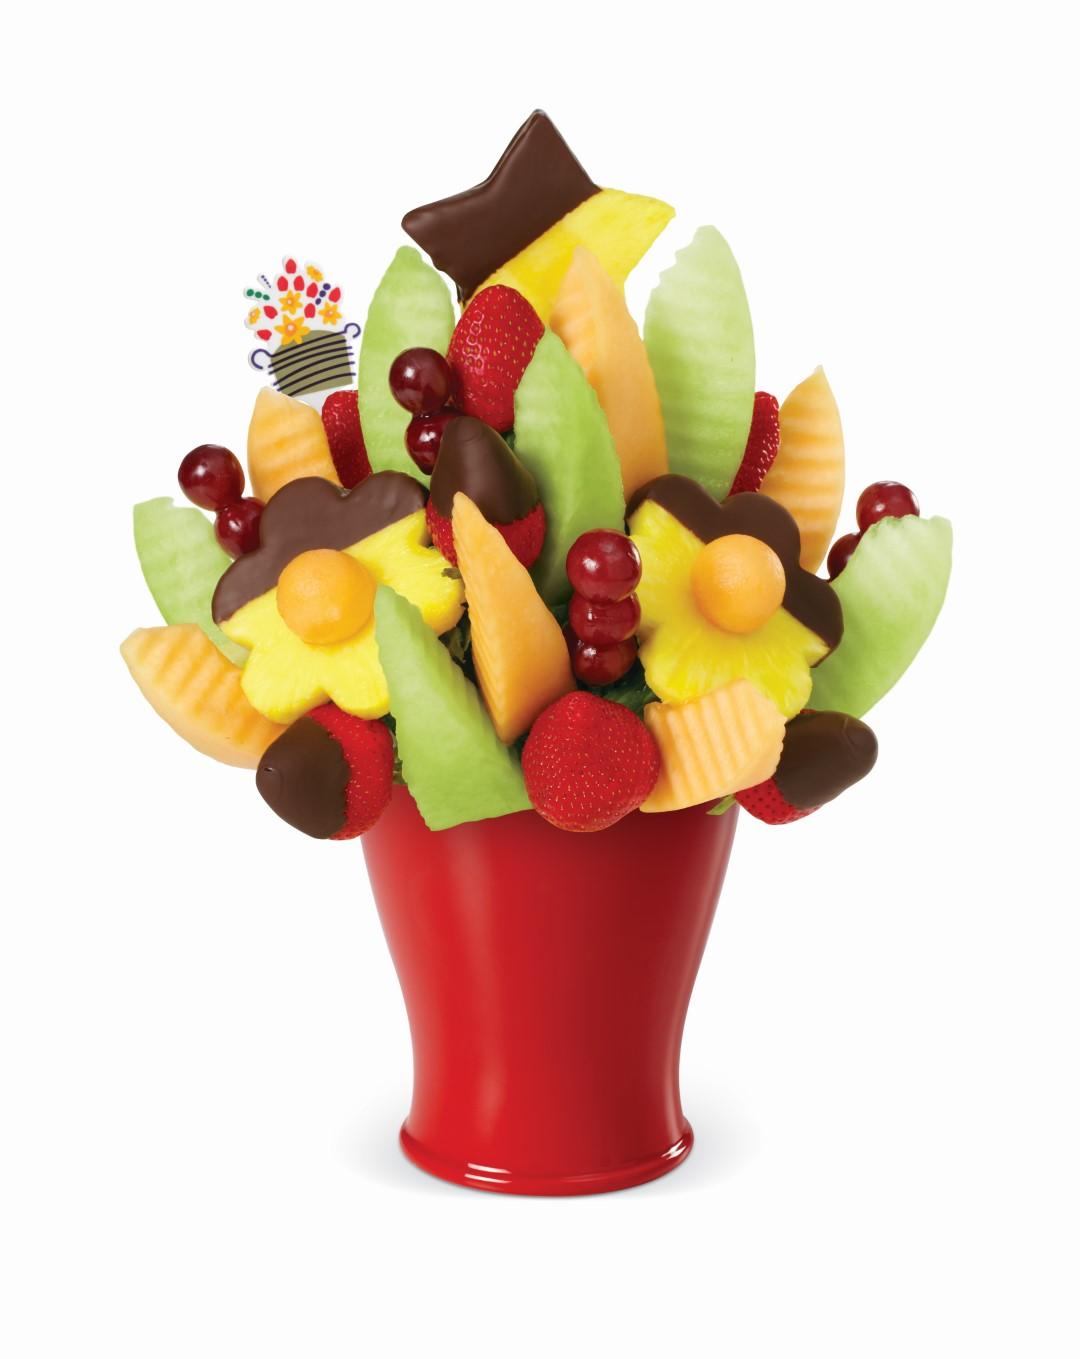 Cliquez ici pour acheter Bouquet de fruits – Délicieuses marguerites